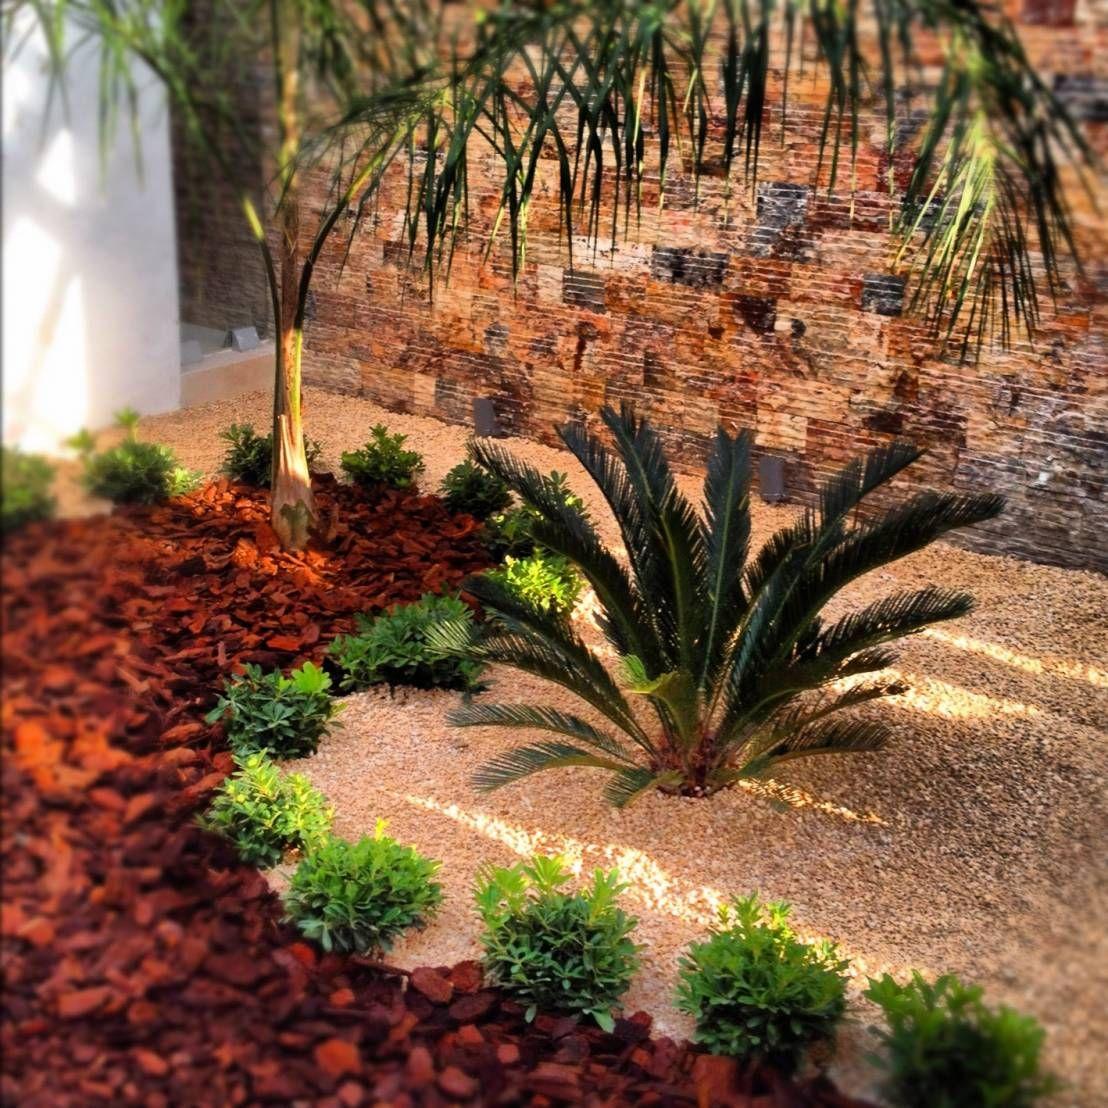 Jardines modernos con piedras buscar con google urban - Jardines modernos ...